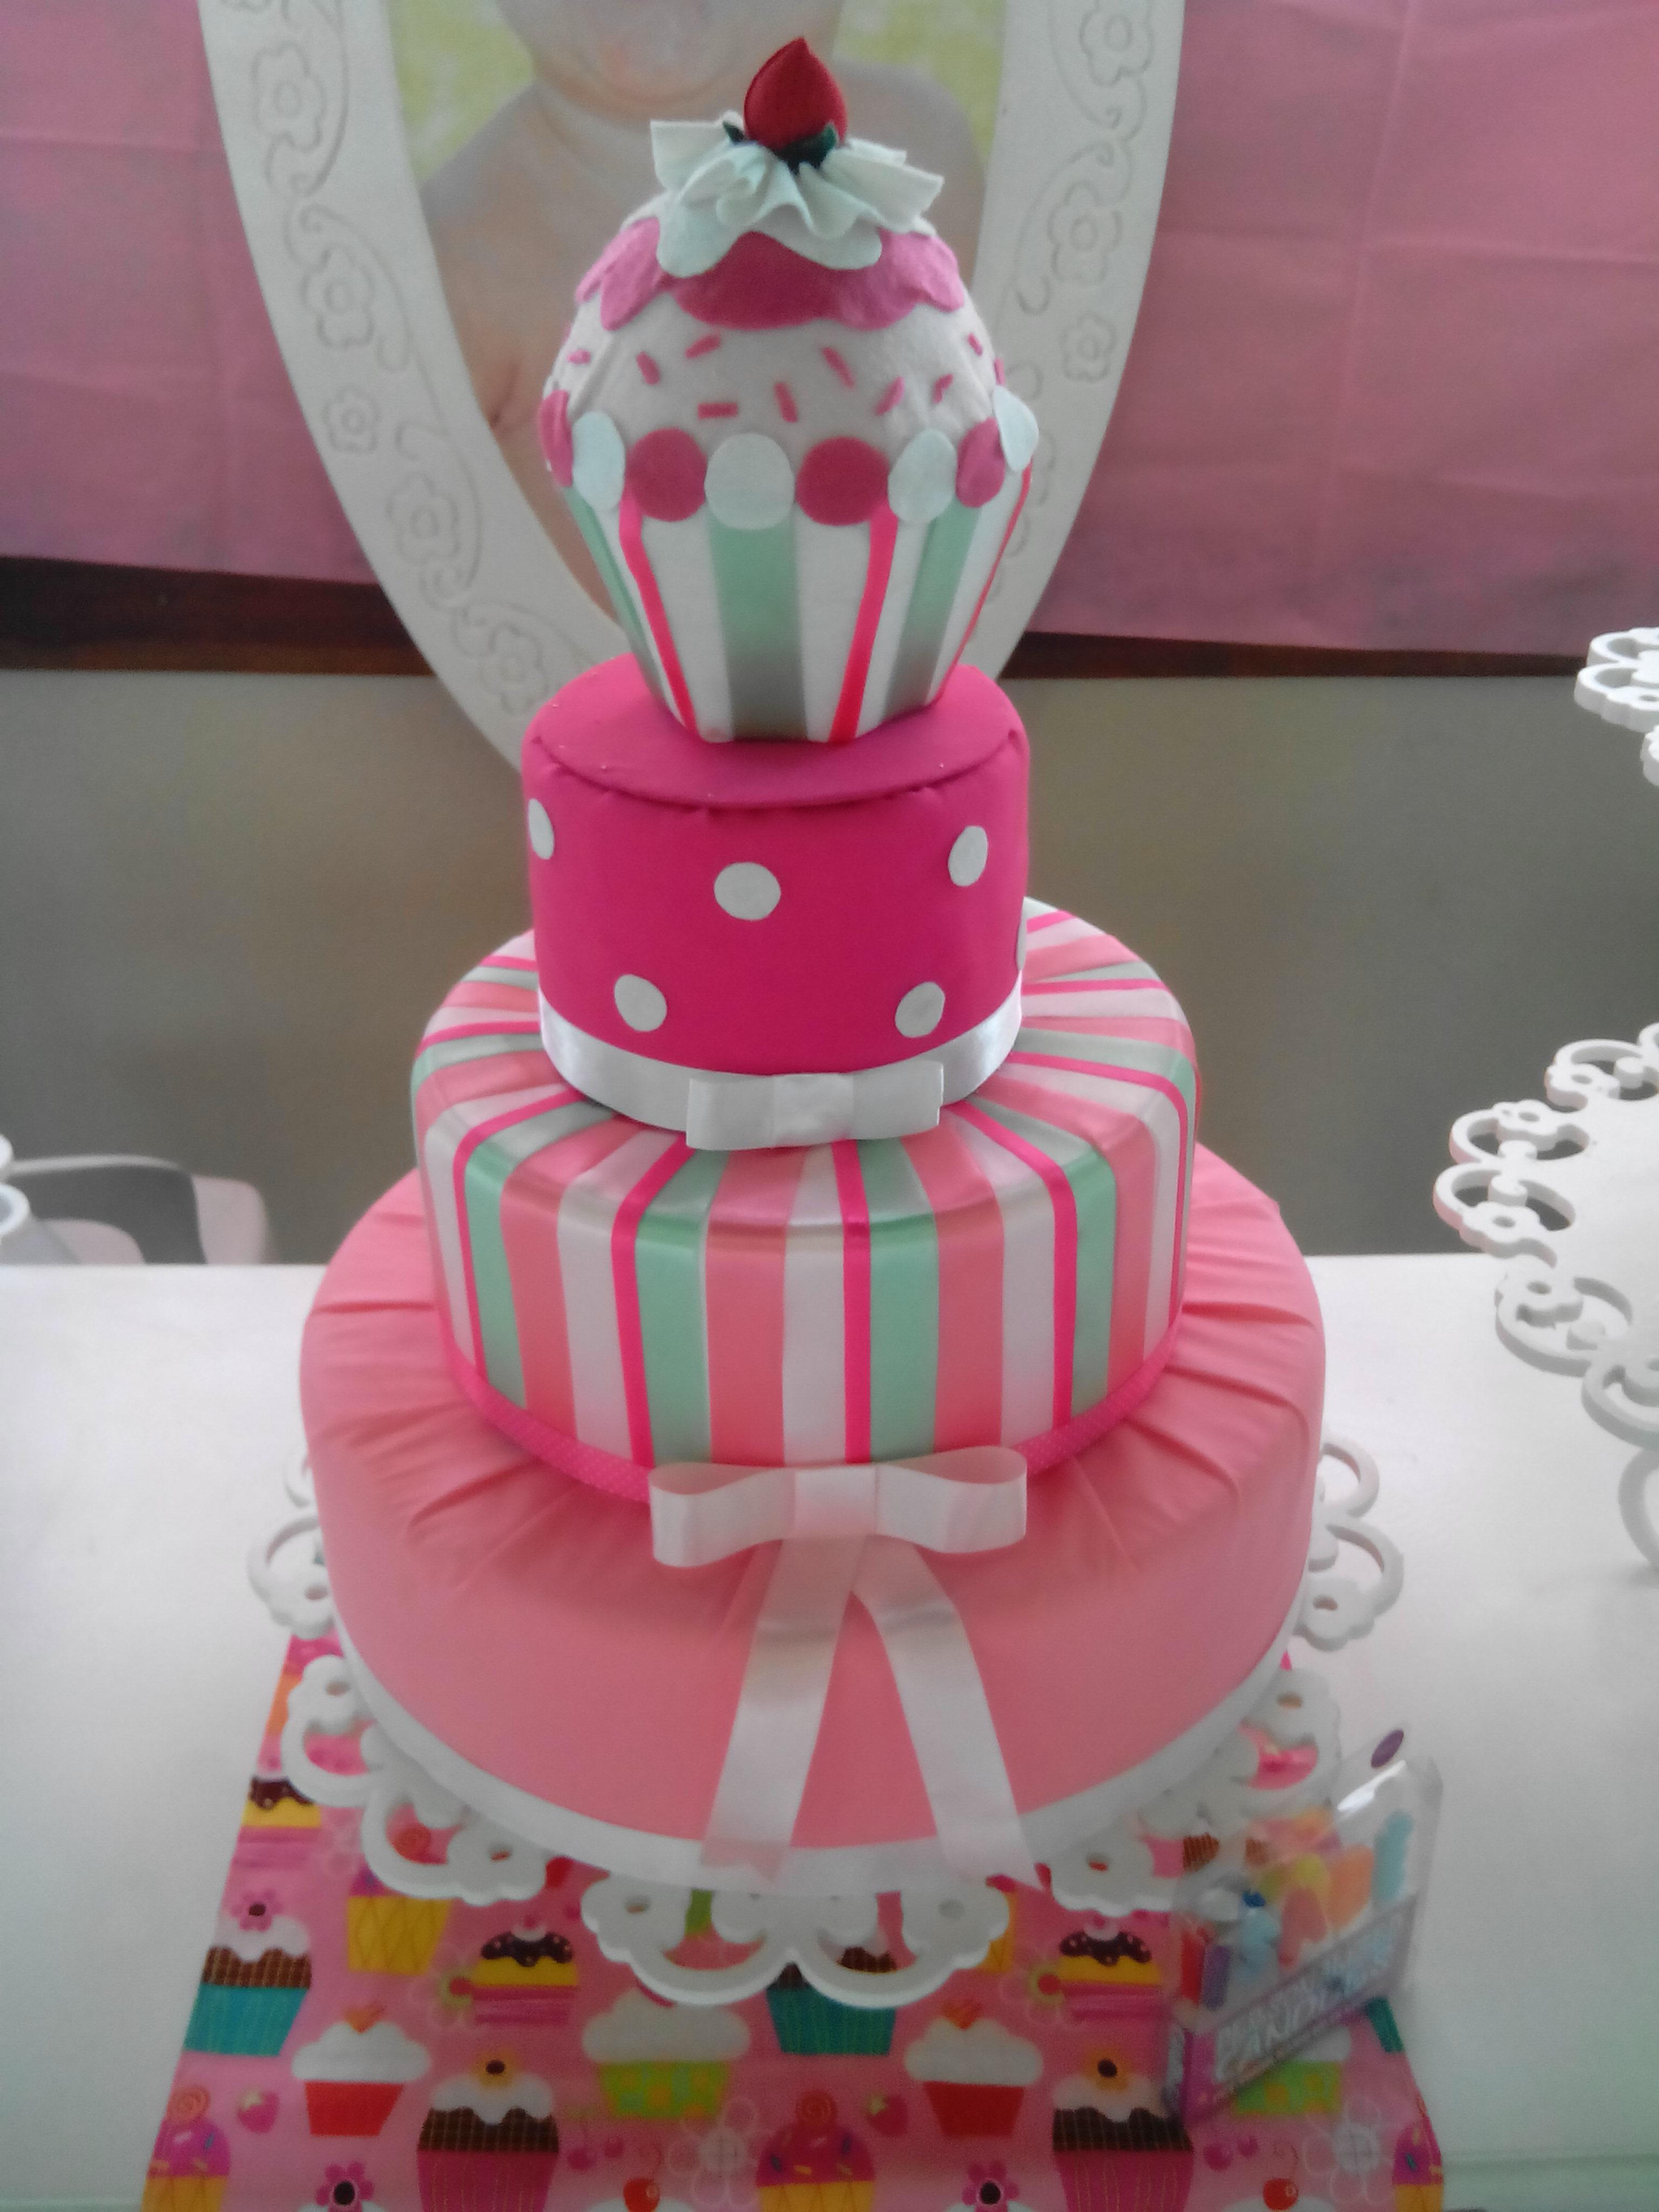 ... Aniversário e Festas > Bolo Cenográfico > BOLO CENOGRÁFICO CUP CAKE